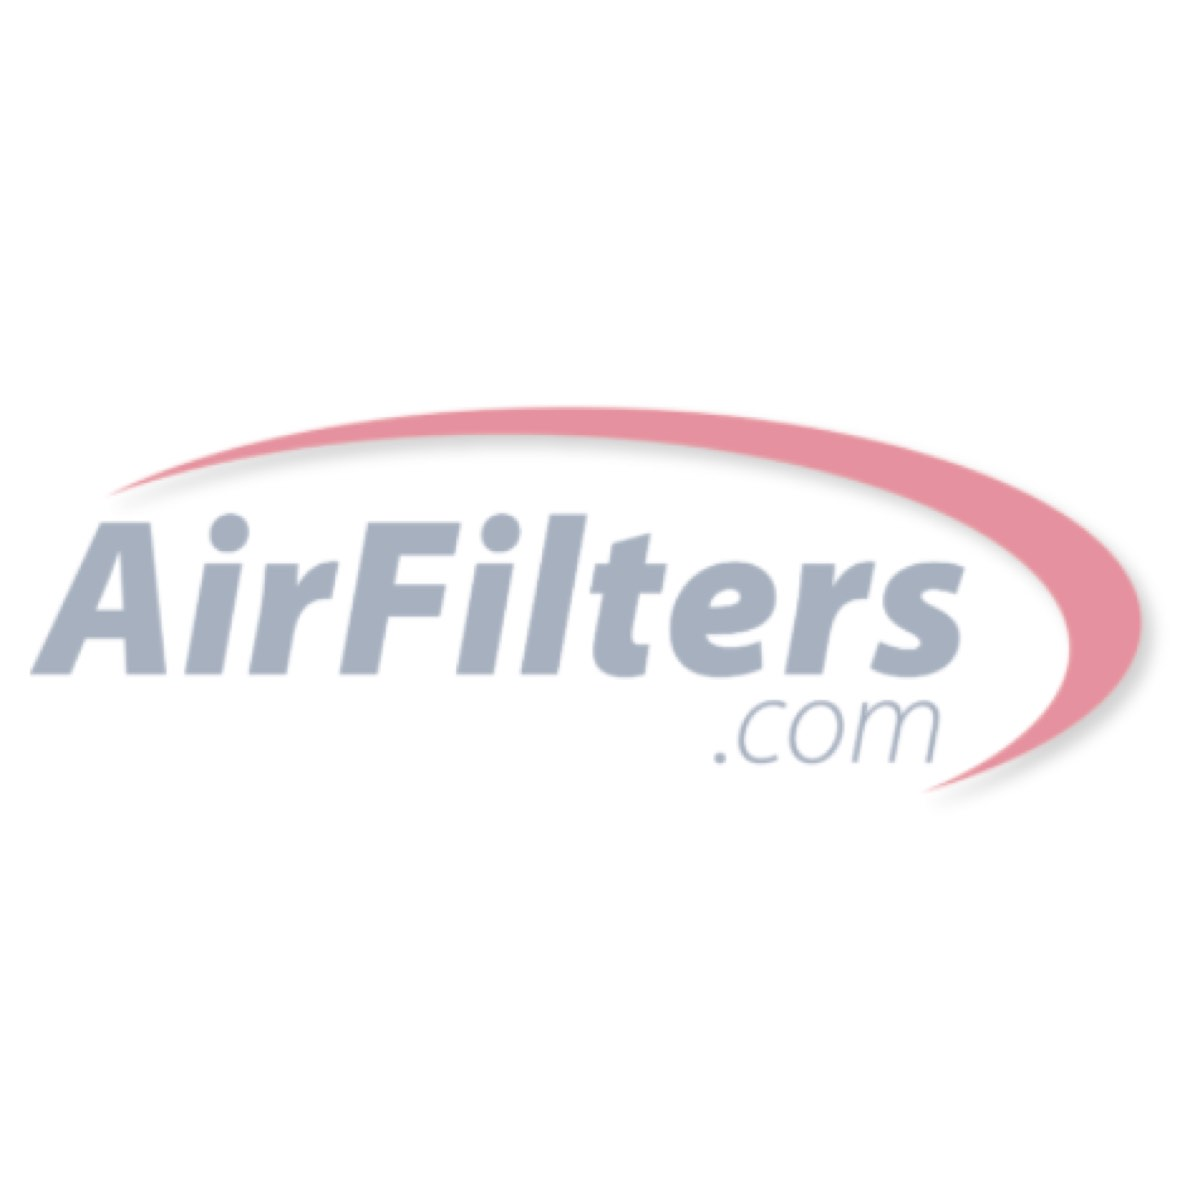 Accumulair Platinum MERV 11 Filters - 2 Inch